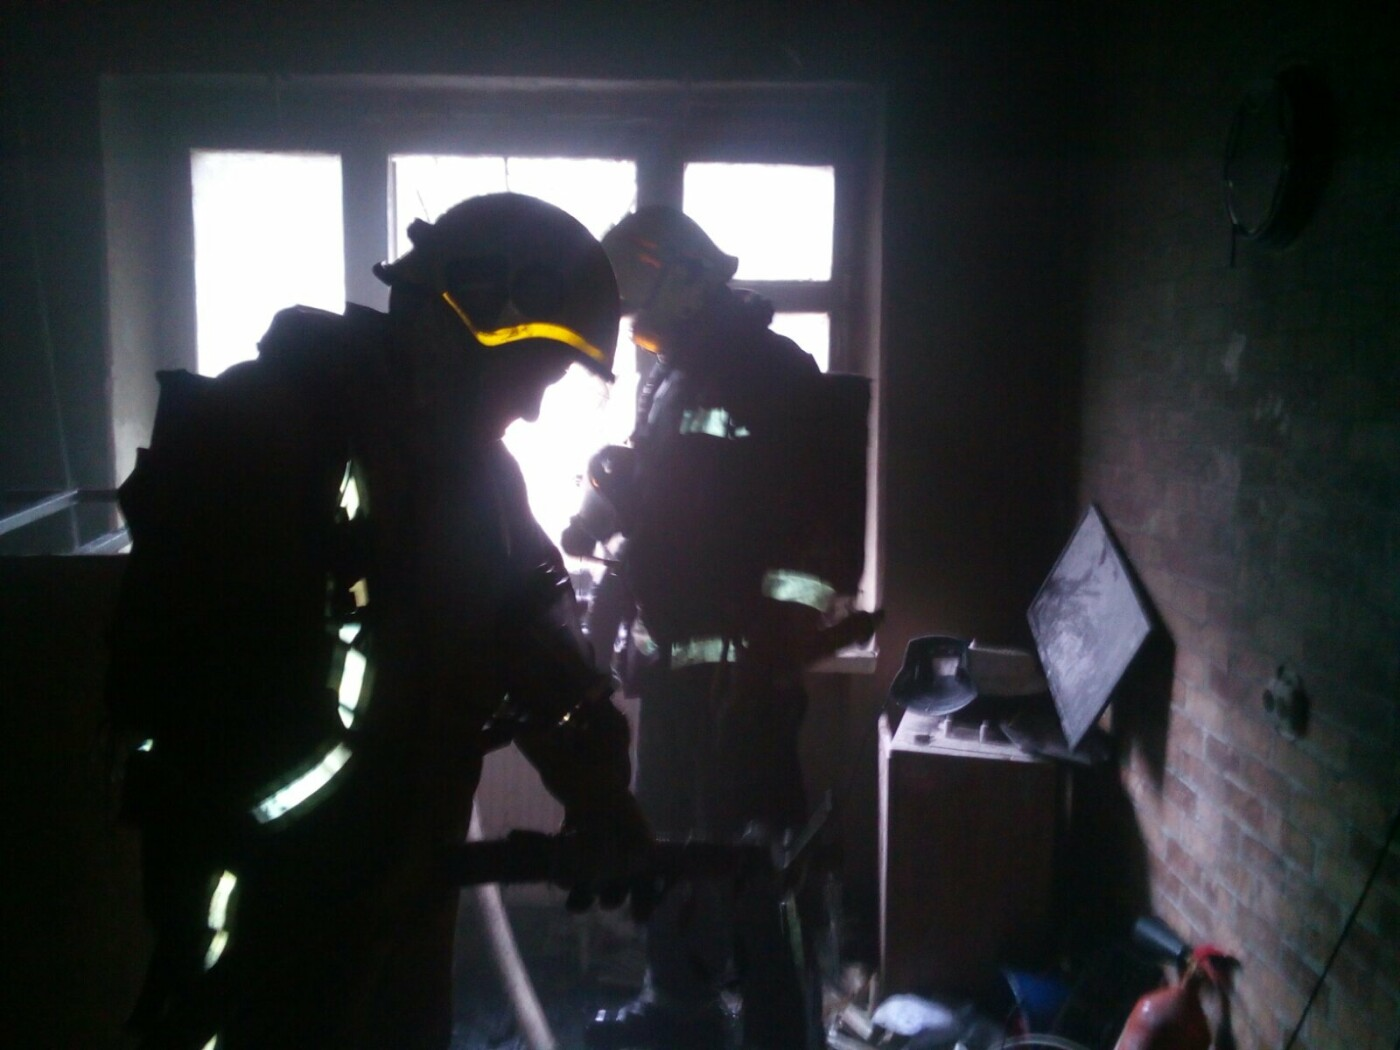 В Харькове загорелось студенческое общежитие: спасатели эвакуировали более полусотни человек, - ФОТО, ВИДЕО, фото-3